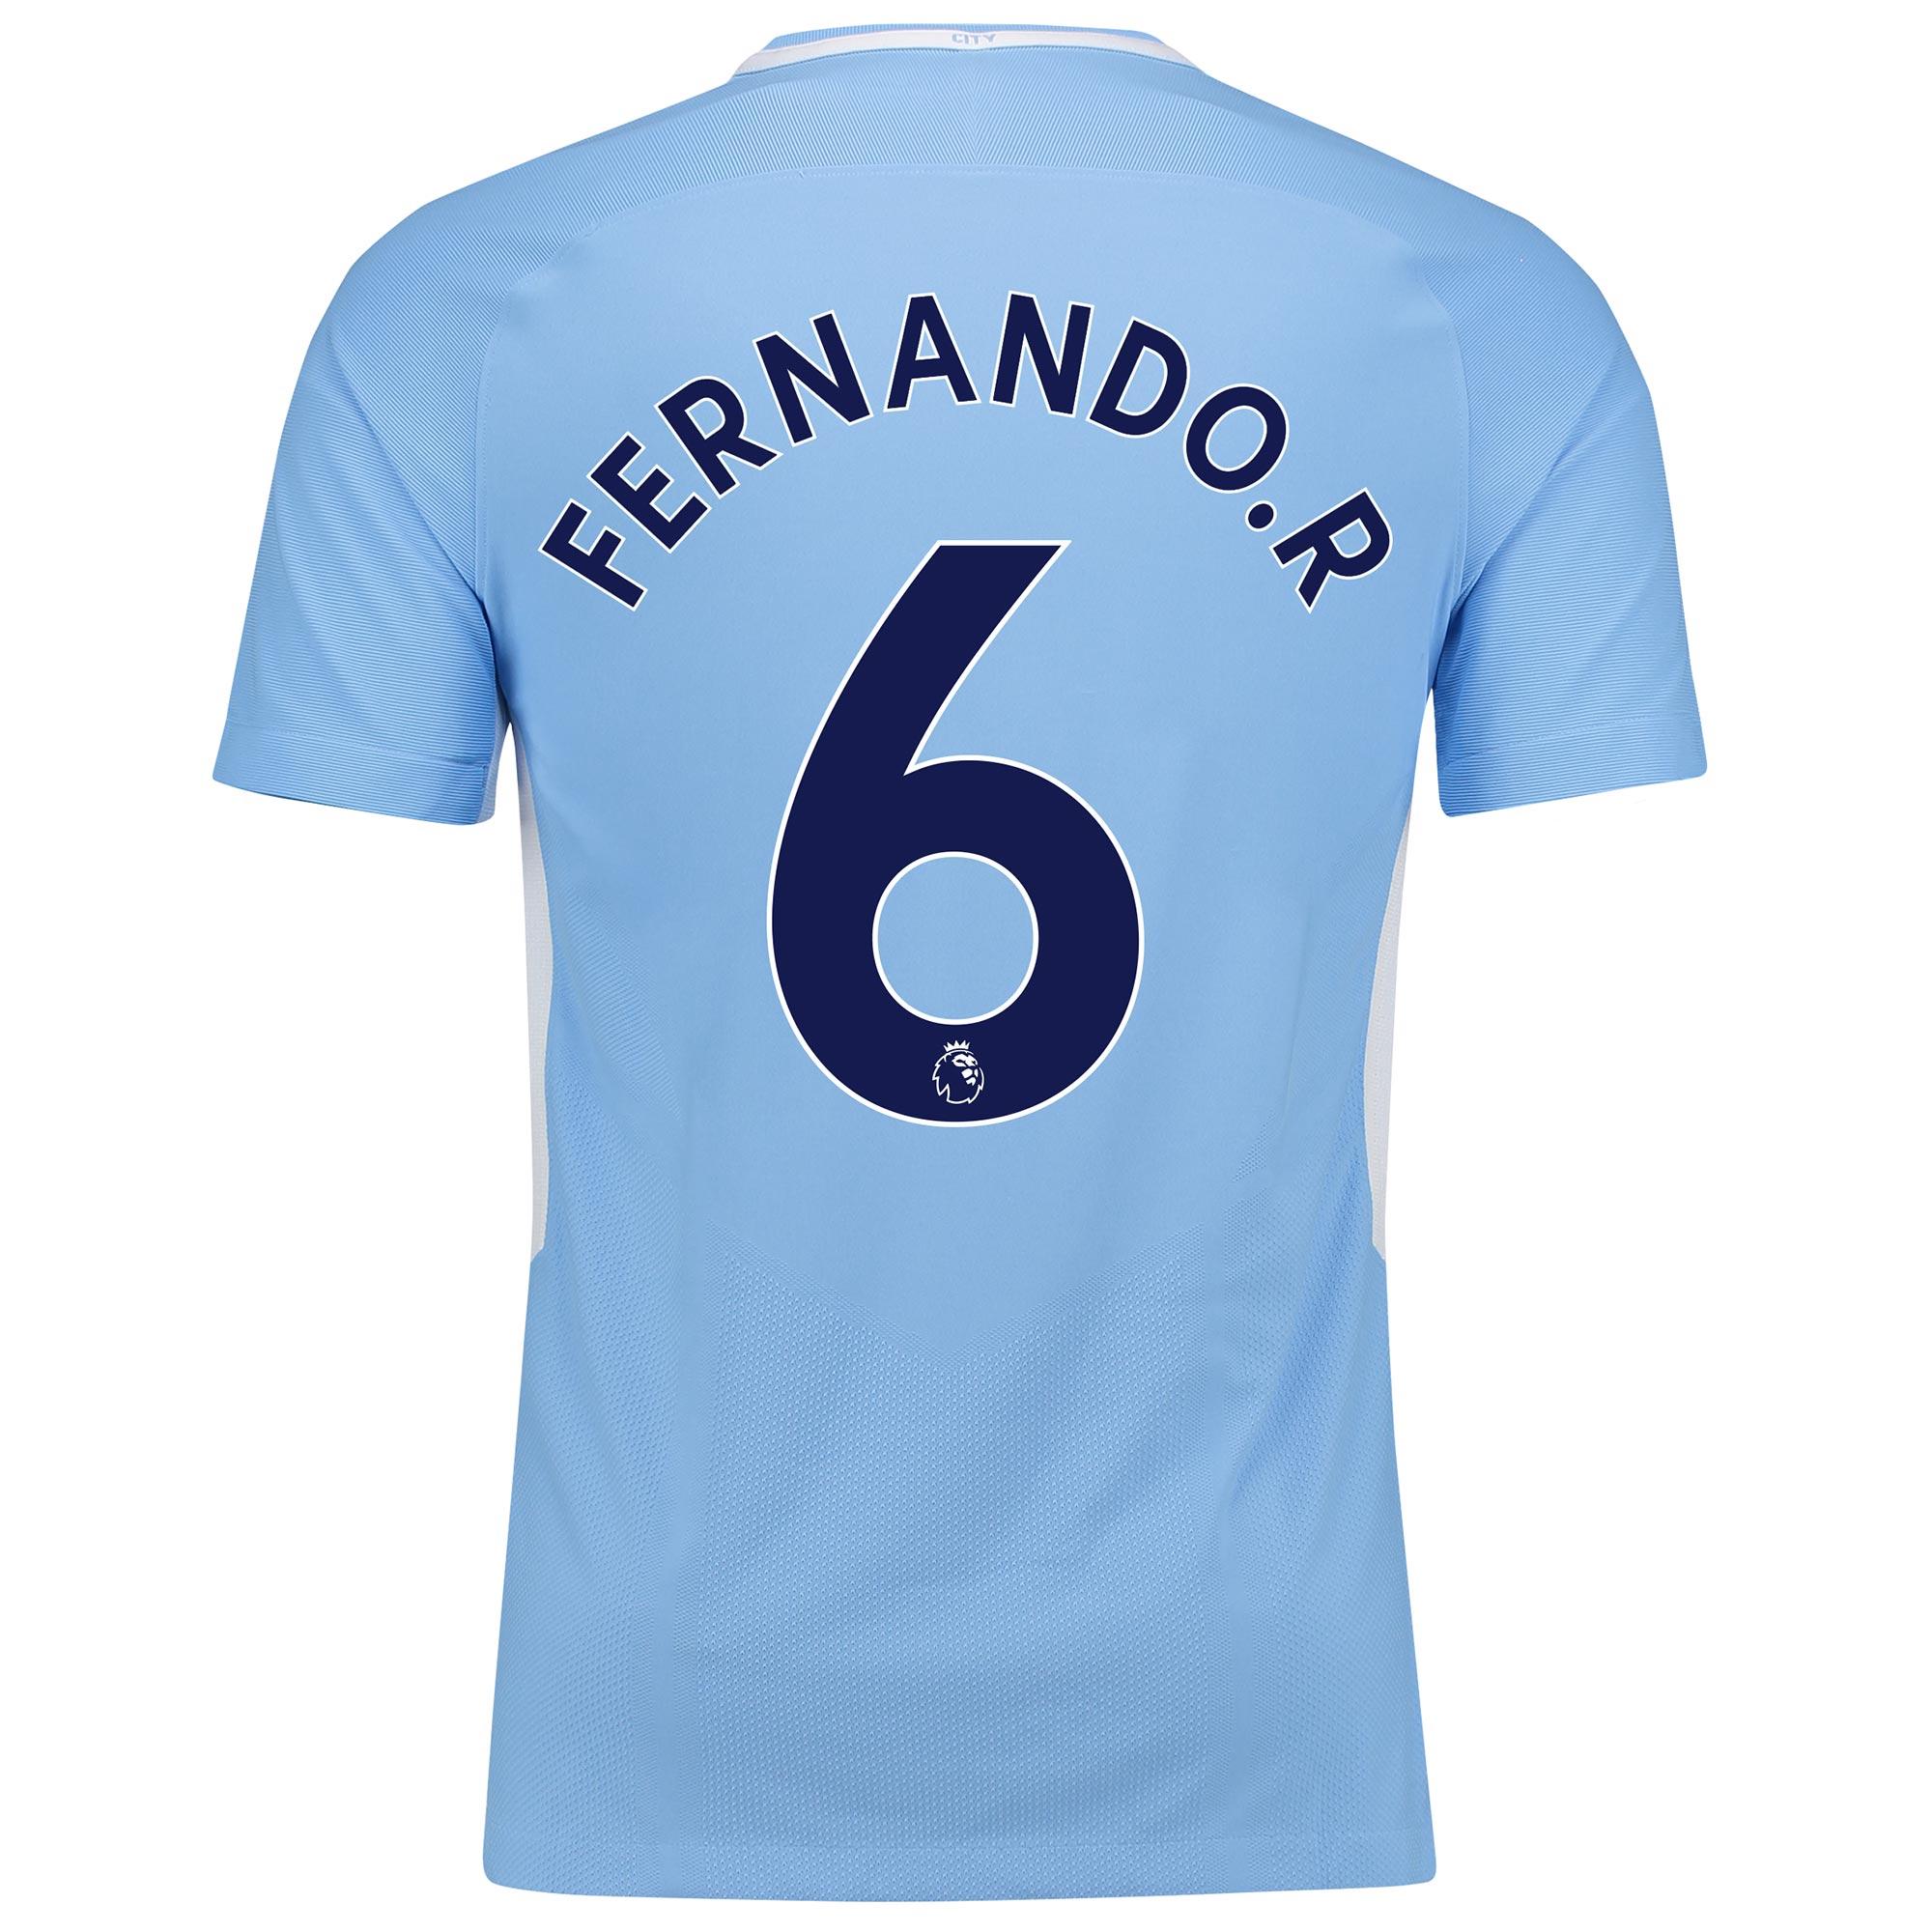 Manchester City Home Vapor Match Shirt 2017-18 with Fernando. R 6 prin